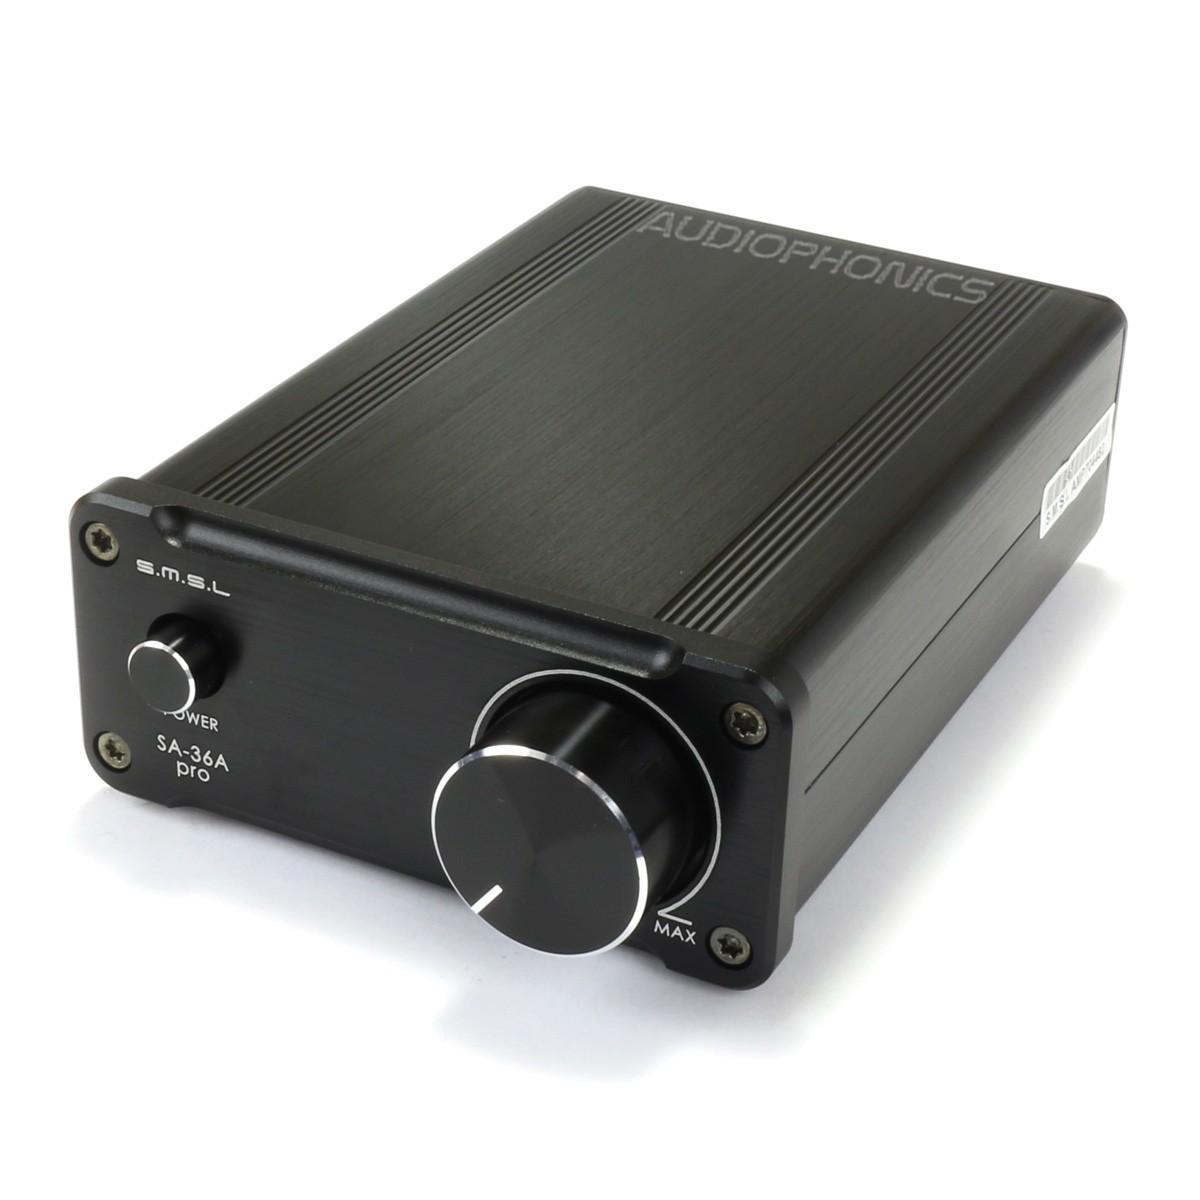 SMSL SA-36A Pro Amplificateur numérique TDA7492PE Class D 2x 20W / 8 Ohm